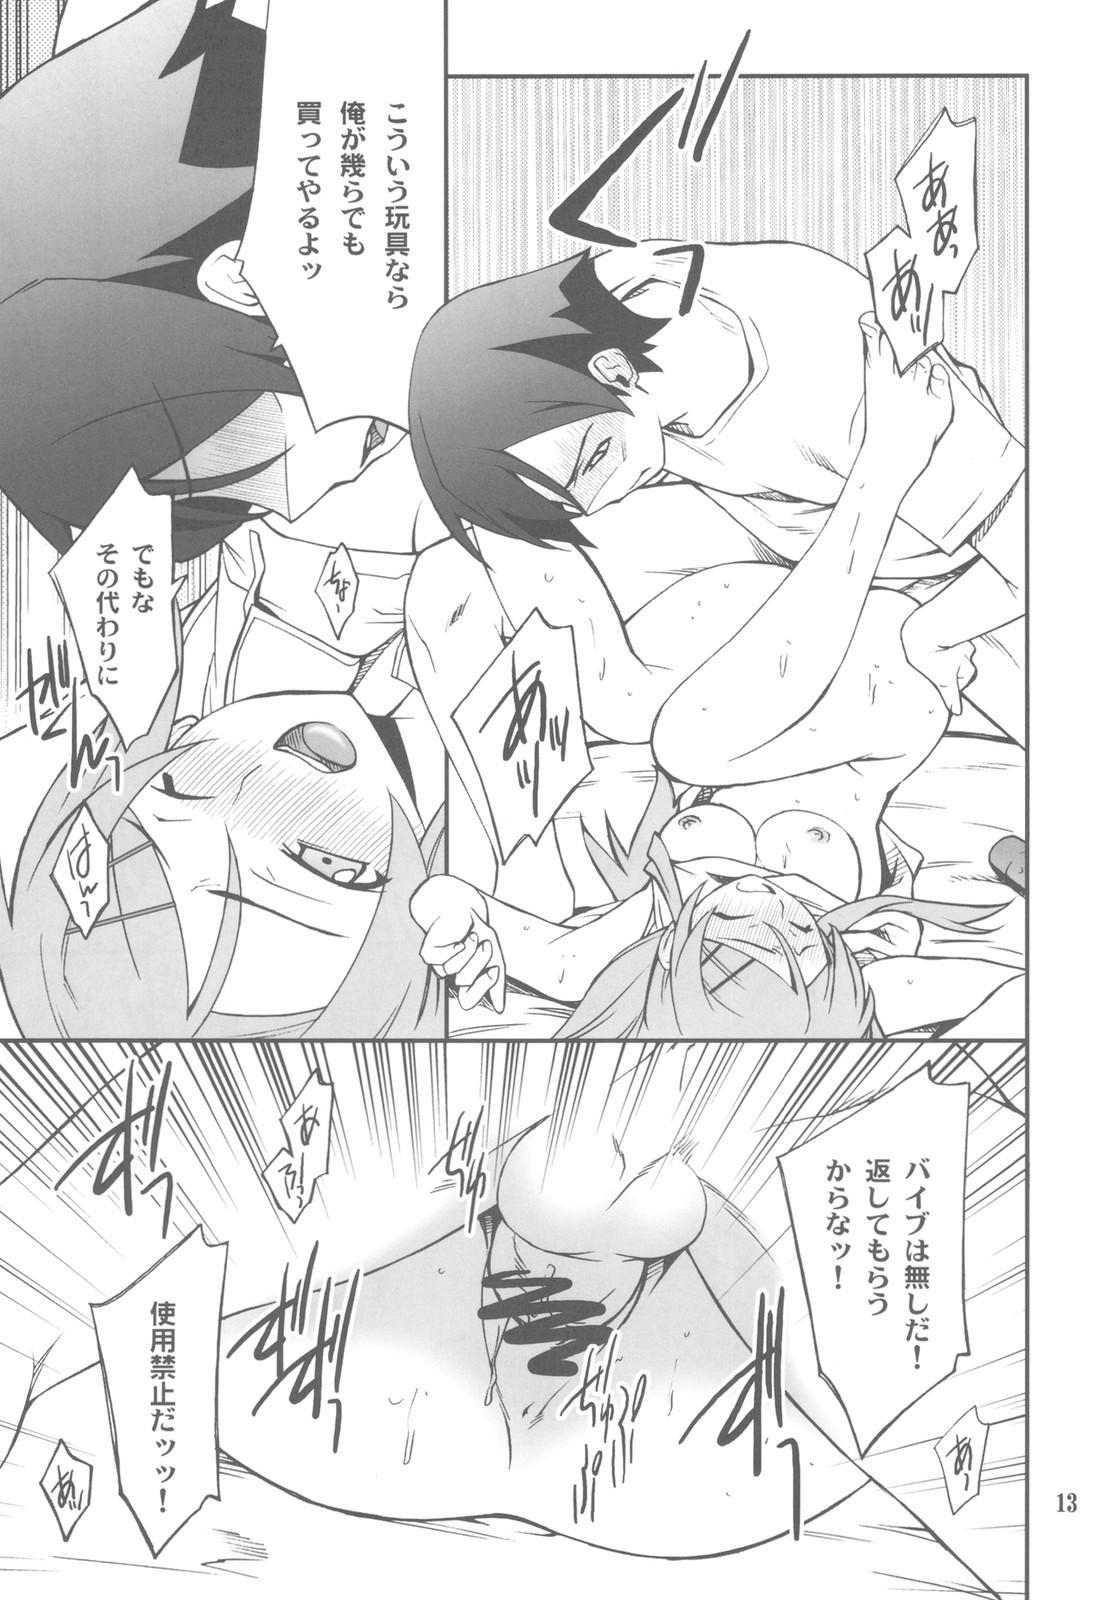 Ore x Imouto Kouryaku Daisakusen!! 02 + Omake Hon 12